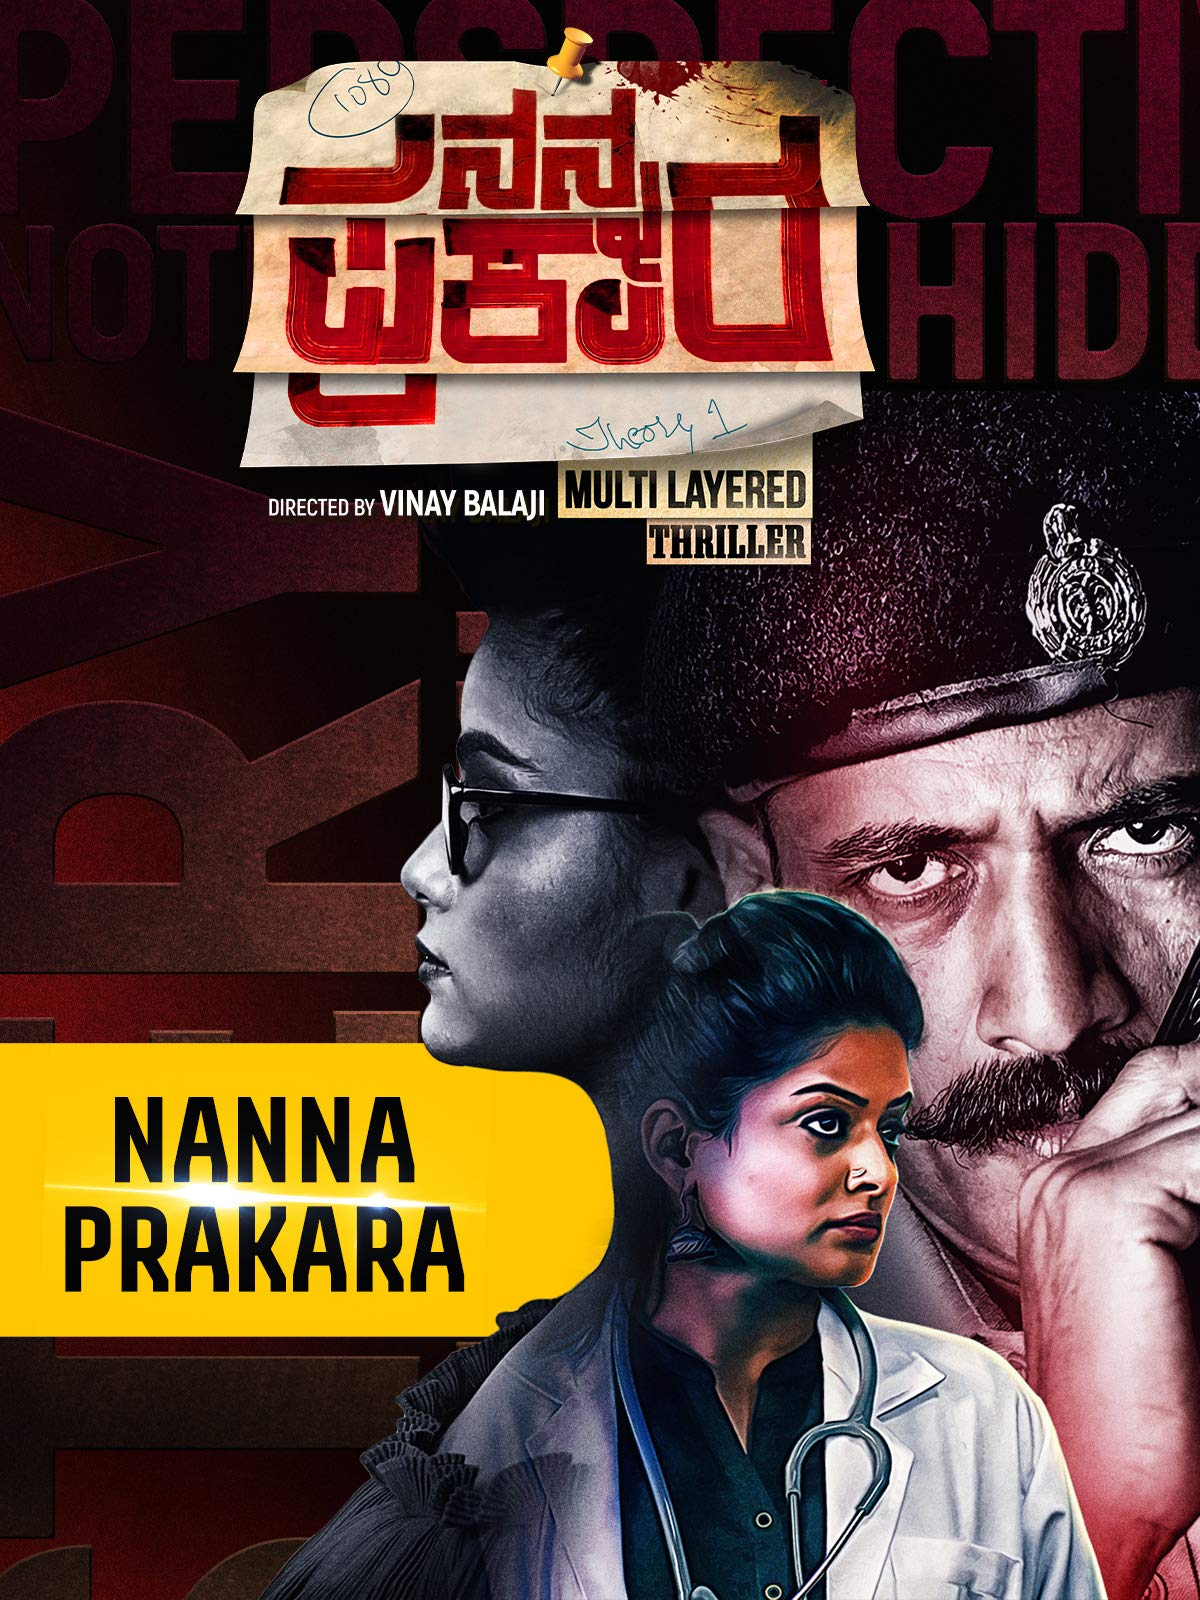 Nanna Prakara